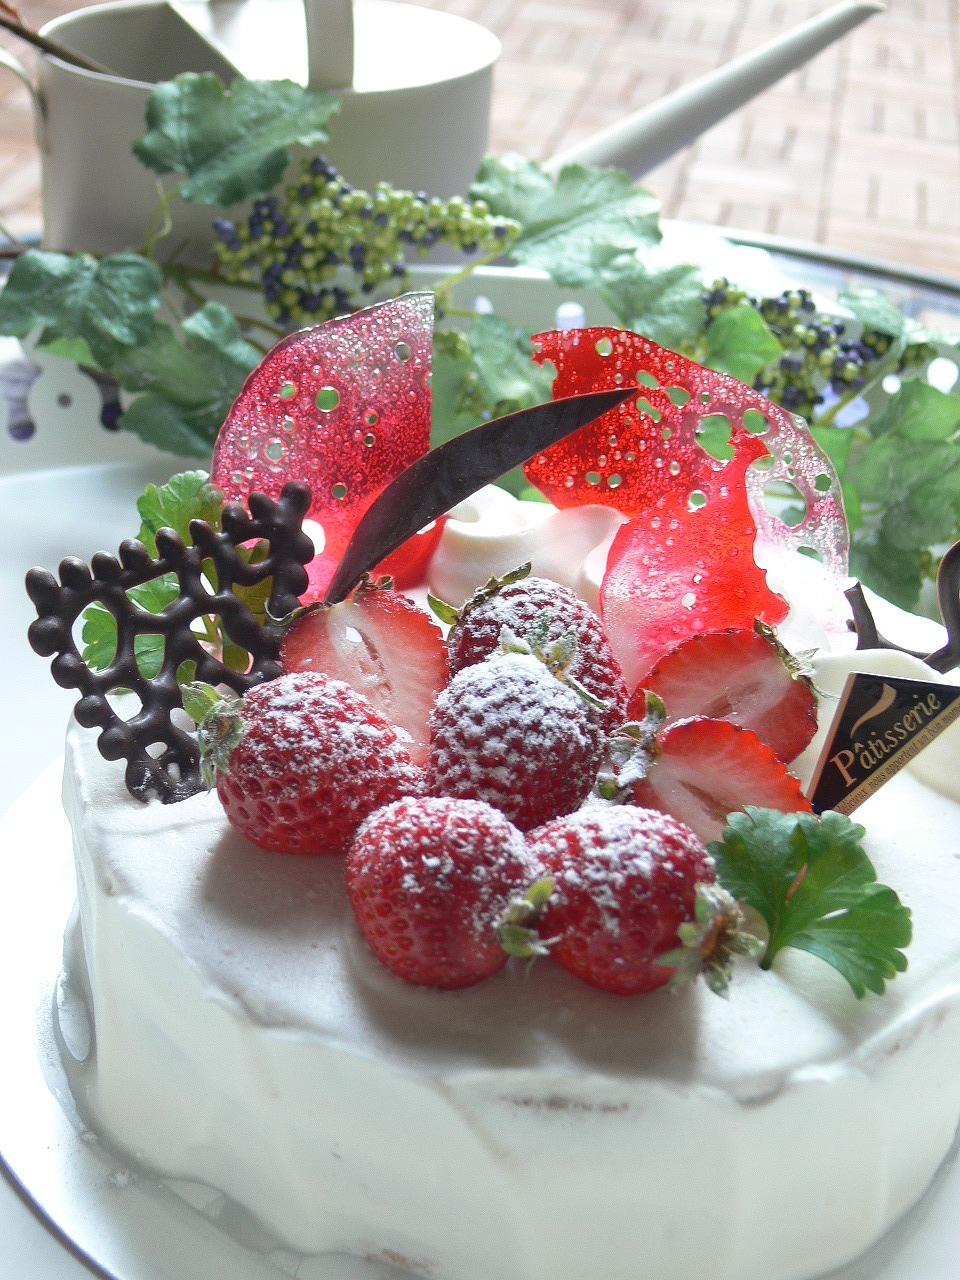 やっぱり定番、いちごショートケーキ!_a0183571_8352577.jpg